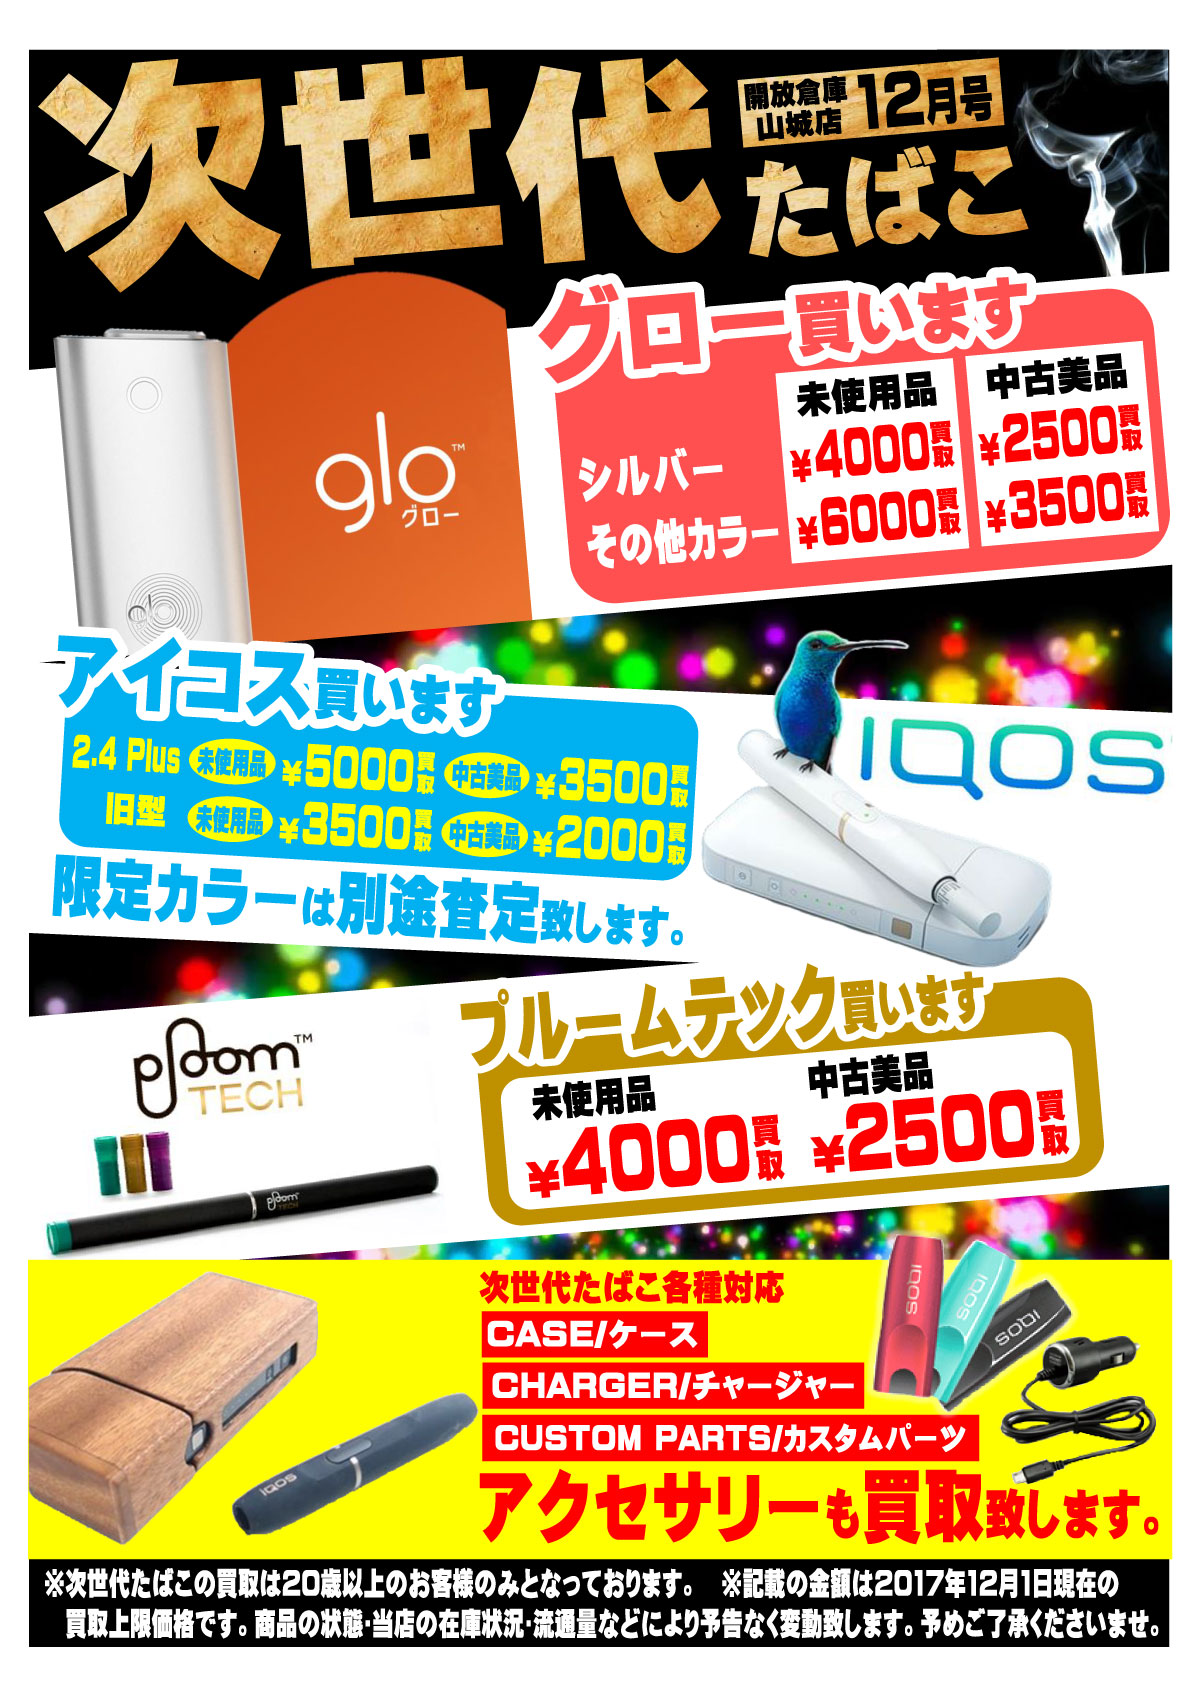 「開放倉庫山城店」家電コーナー<次世代たばこ・glo/グロー買います! IQOS/アイコス買います! Ploom TECH/ブルームテック買います>12月号を更新しました!